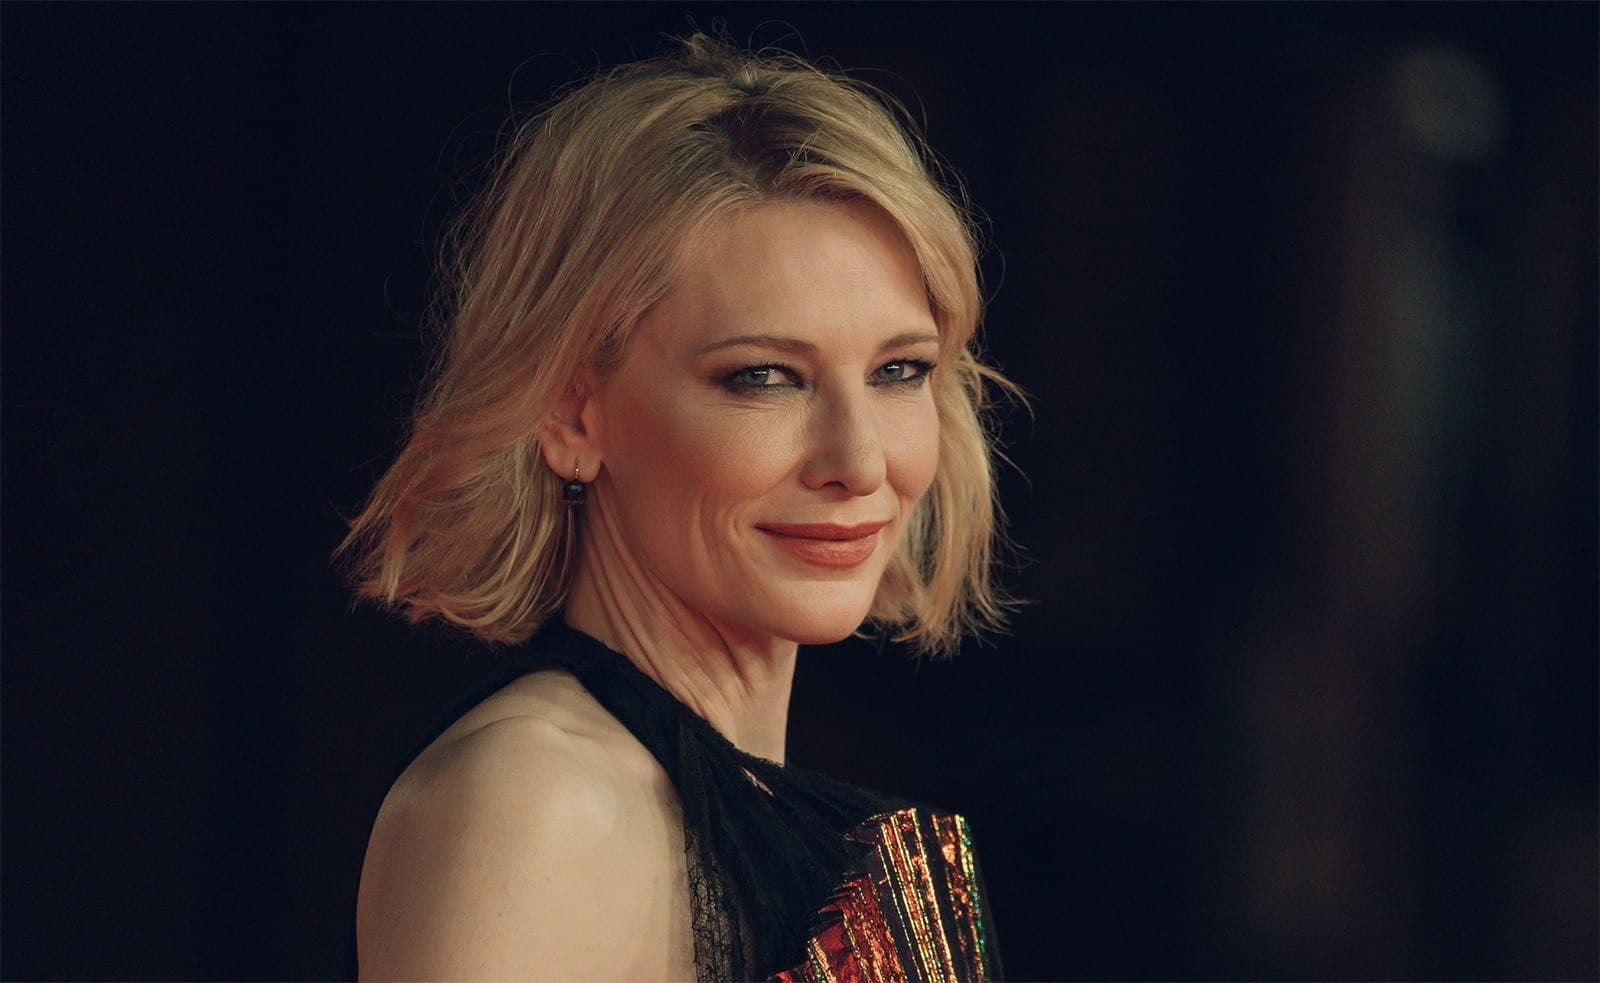 Les amis des fils de Cate Blanchett l'ont prise pour Kate Upton